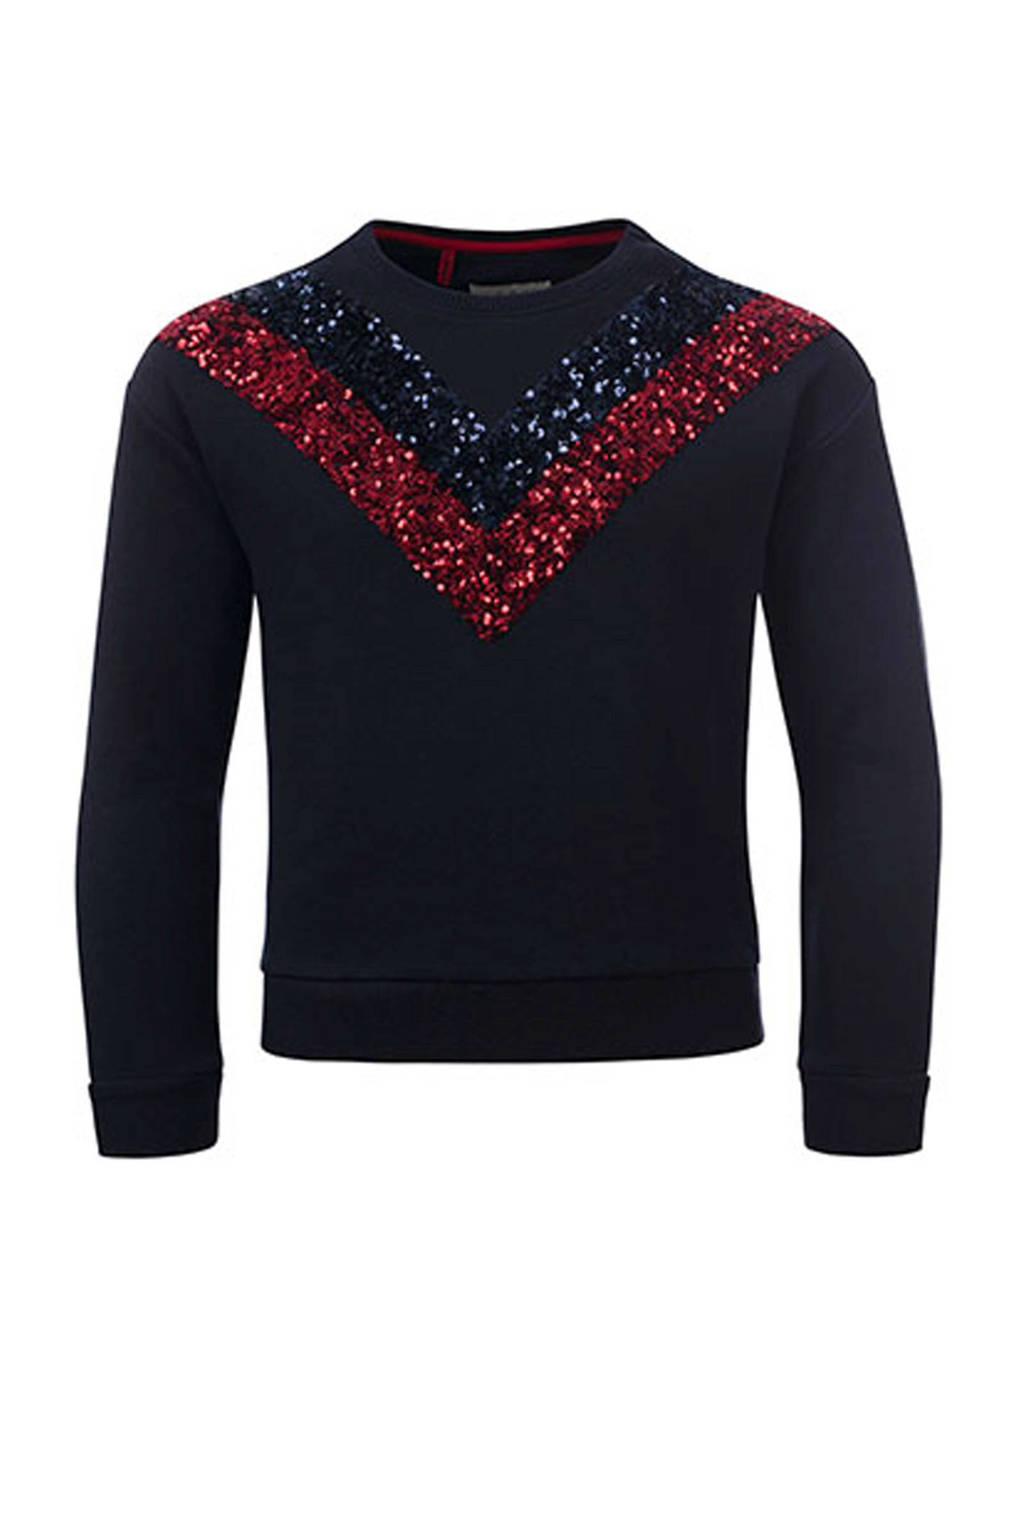 LOOXS sweater met pailletten marine, Marine